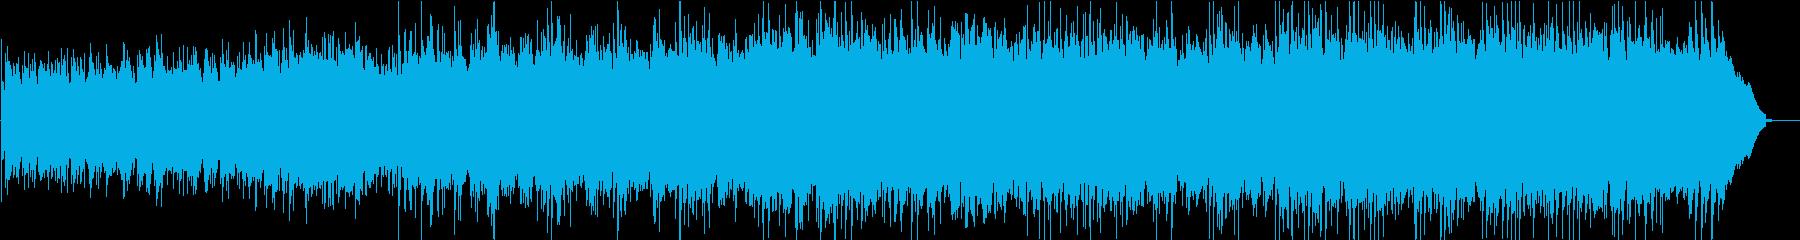 ライトミュージックで暖かい曲の再生済みの波形